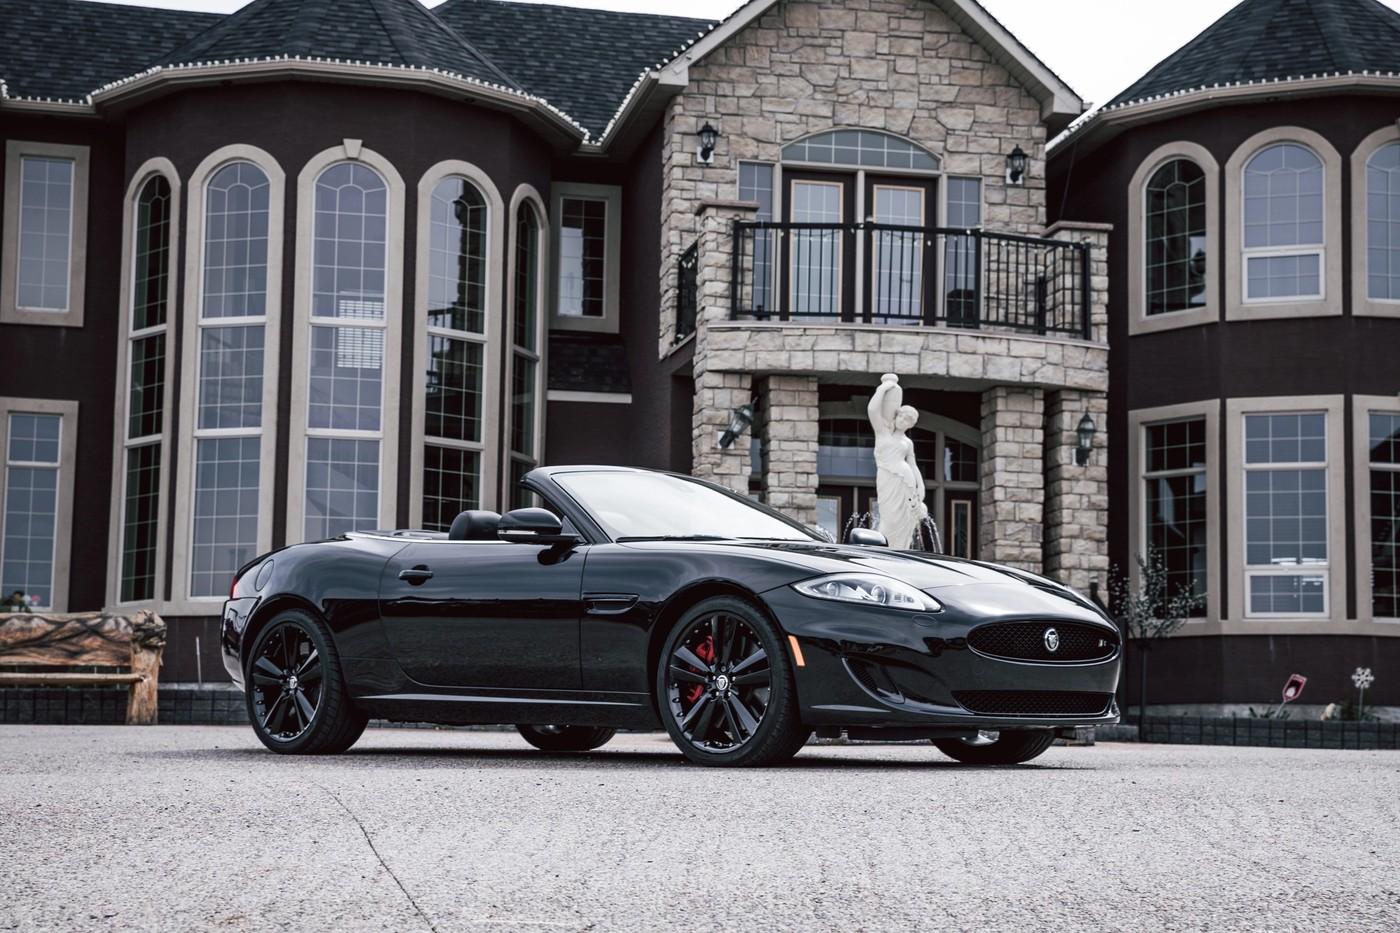 Une voiture de luxe devant une grande maison